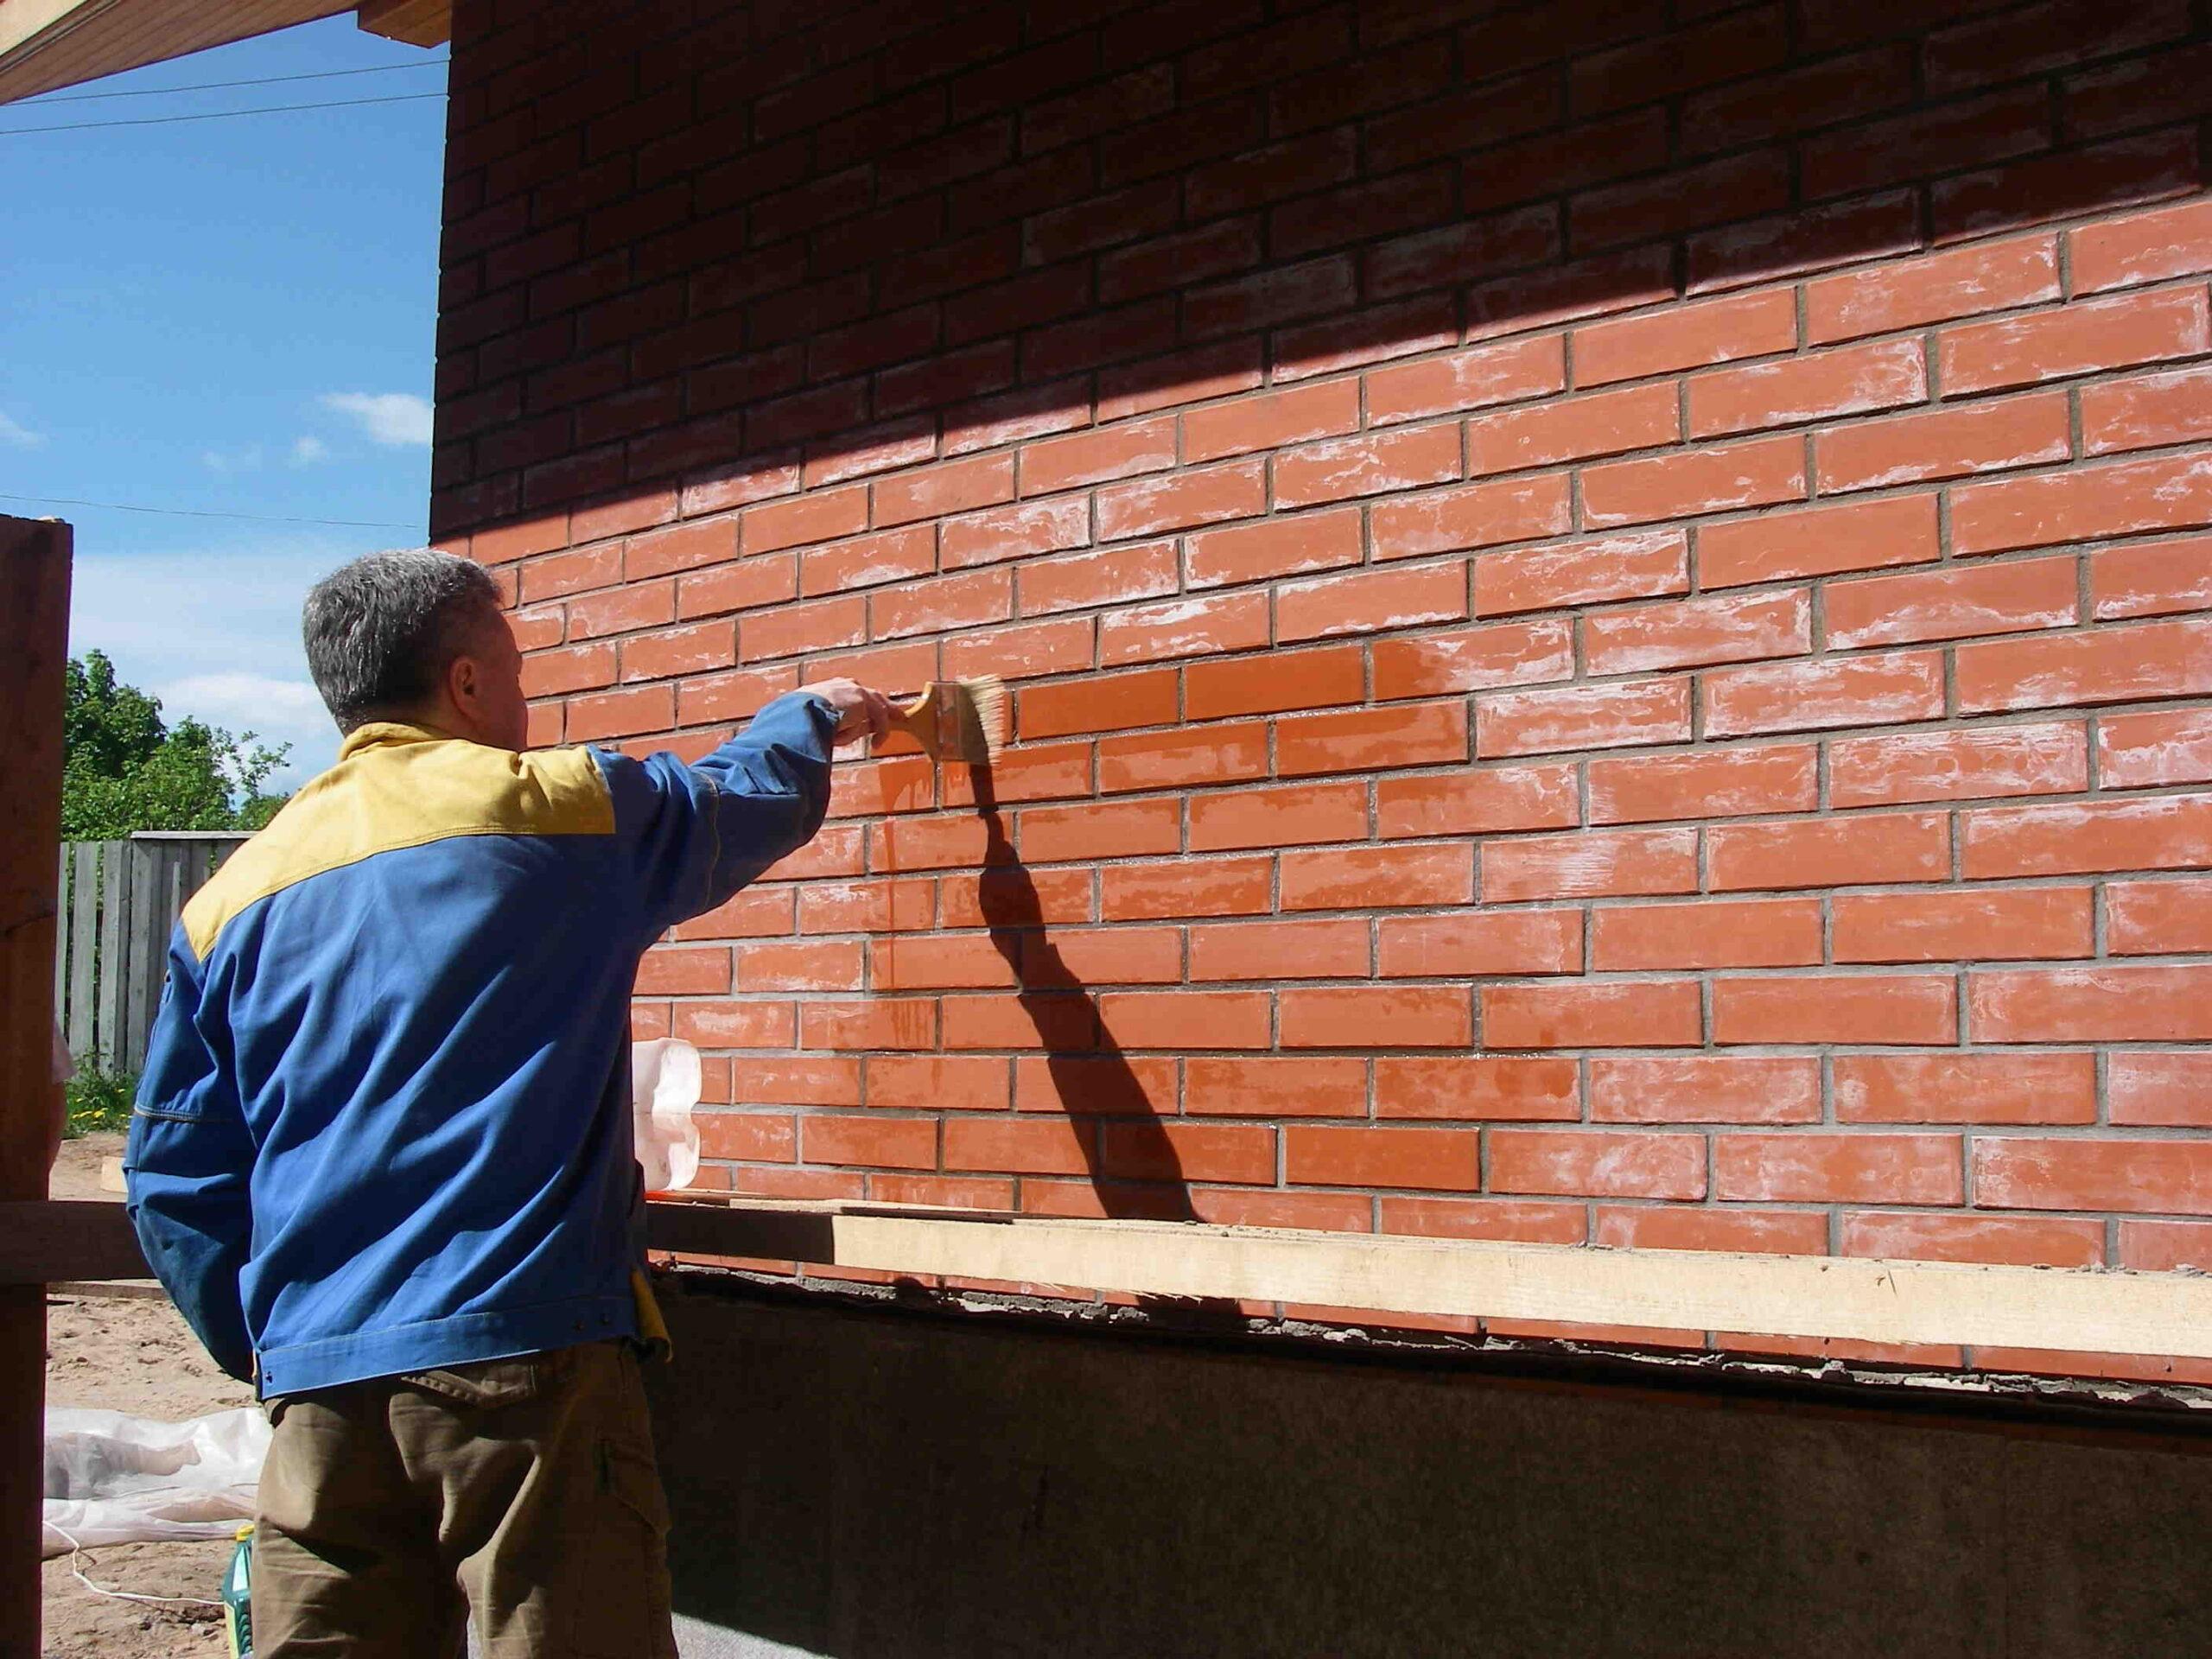 Comment enlever la peinture d'une brique?